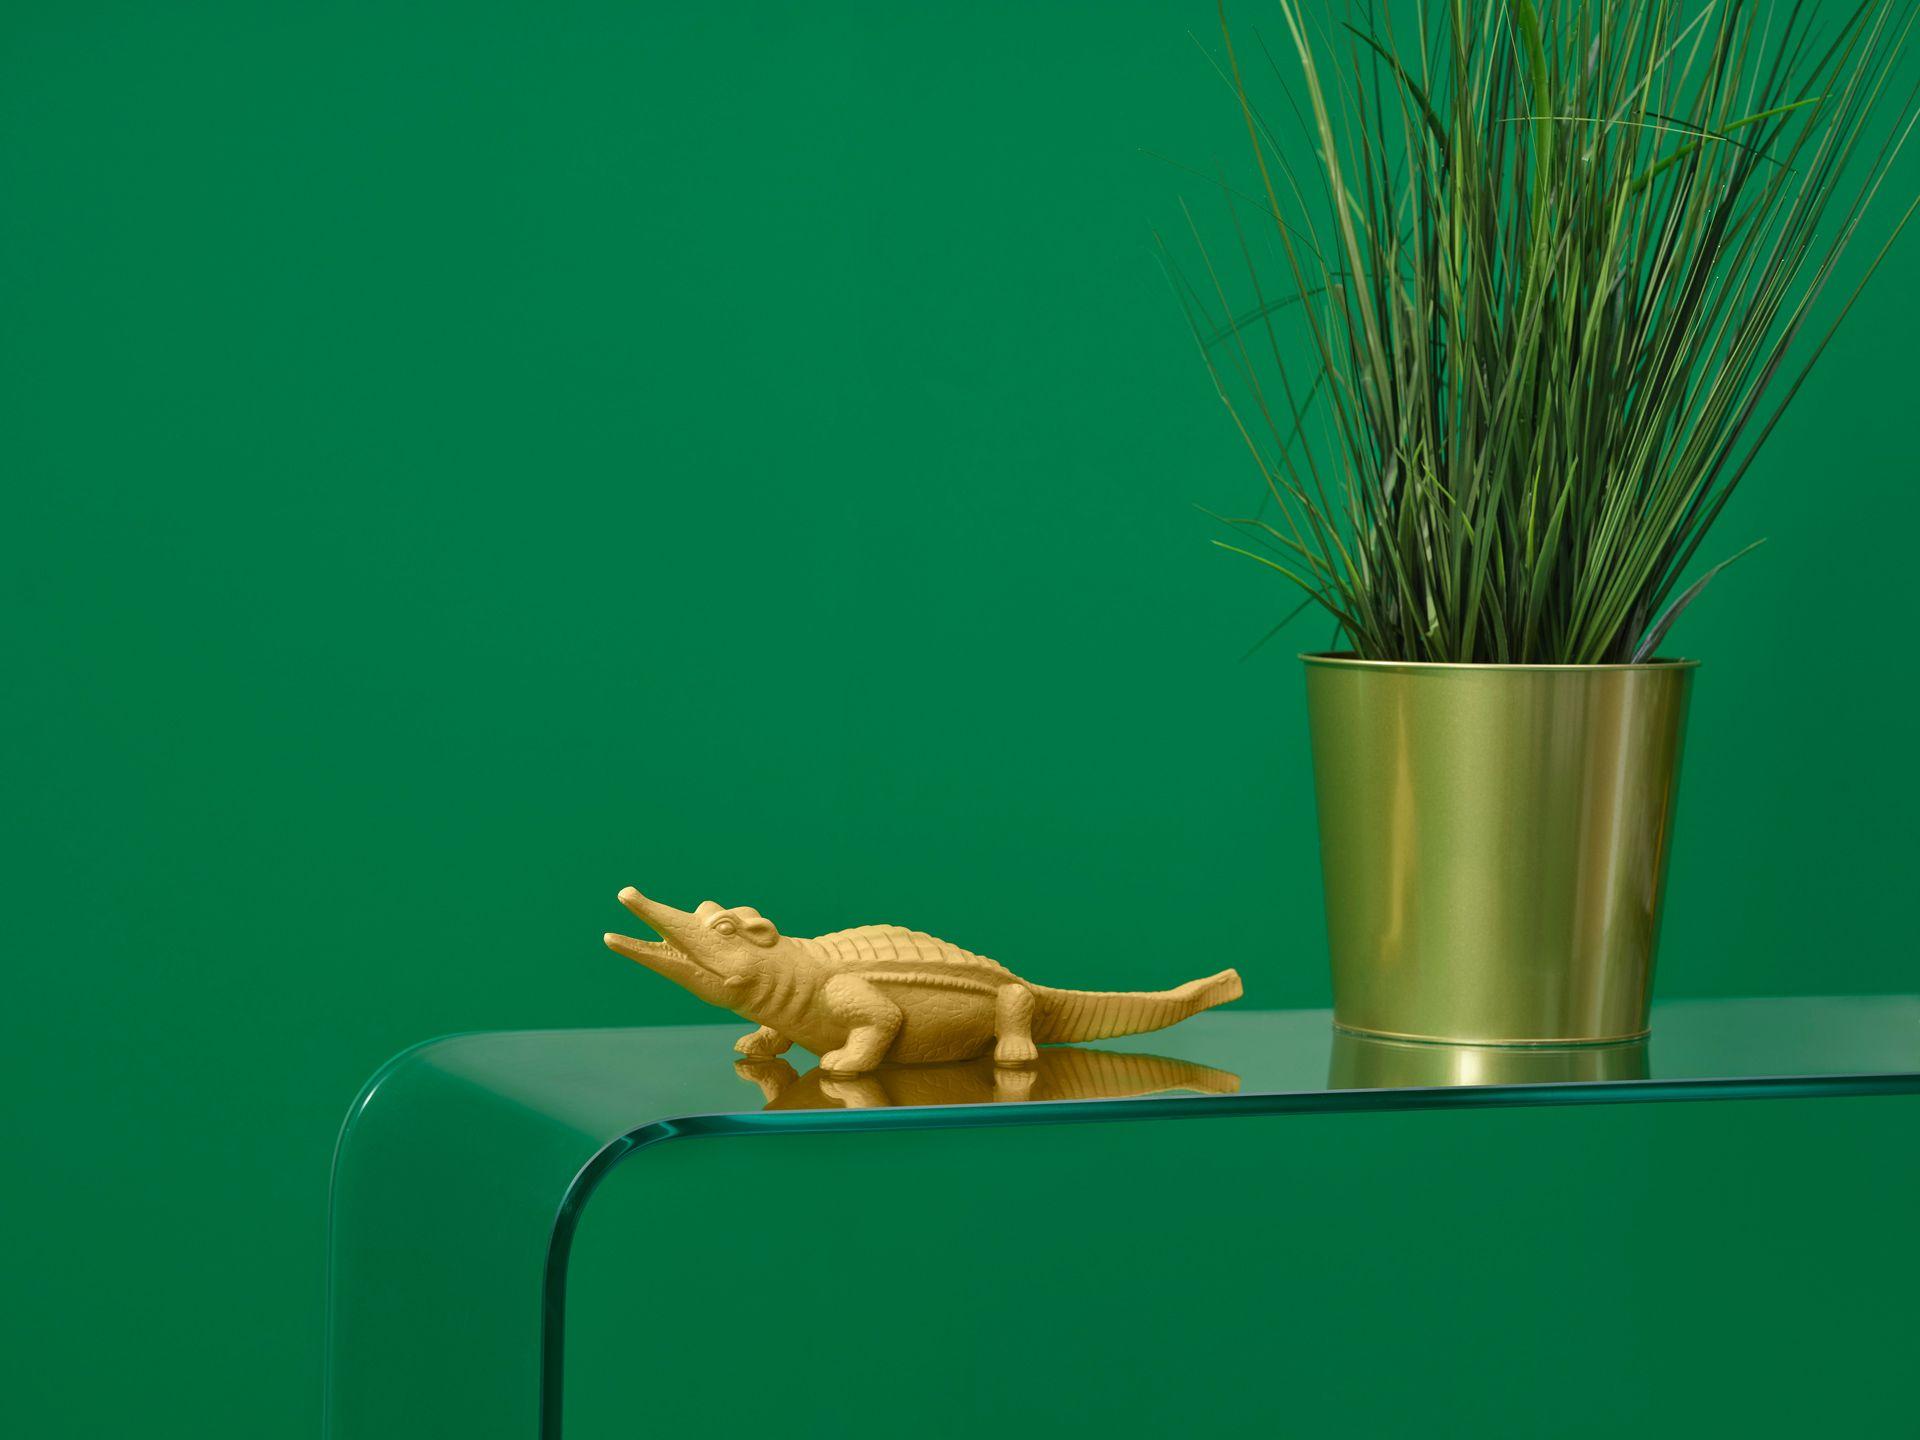 Gros plan d'un alligator en plastique sur une table transparente avec un pot de plantes doré et un mur vert.